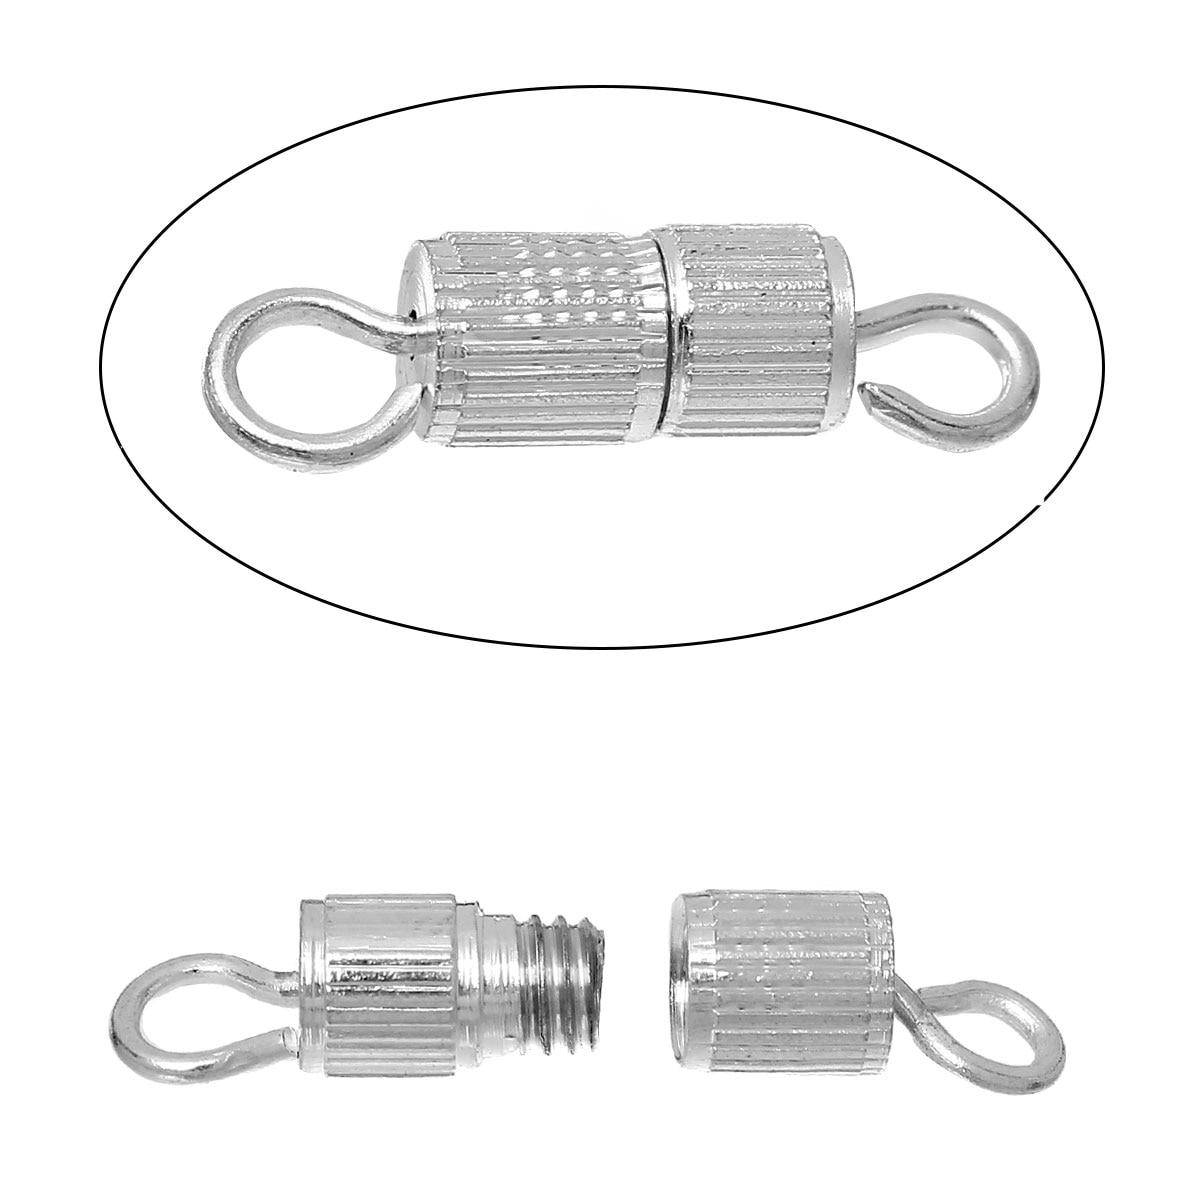 DoreenBeads медь винтовые застежки застежка для браслета или Подвески цилиндр серебряный цвет интимные аксессуары мм 15 мм (5/8 «мм) x 4 (1/8»), 6 шт.